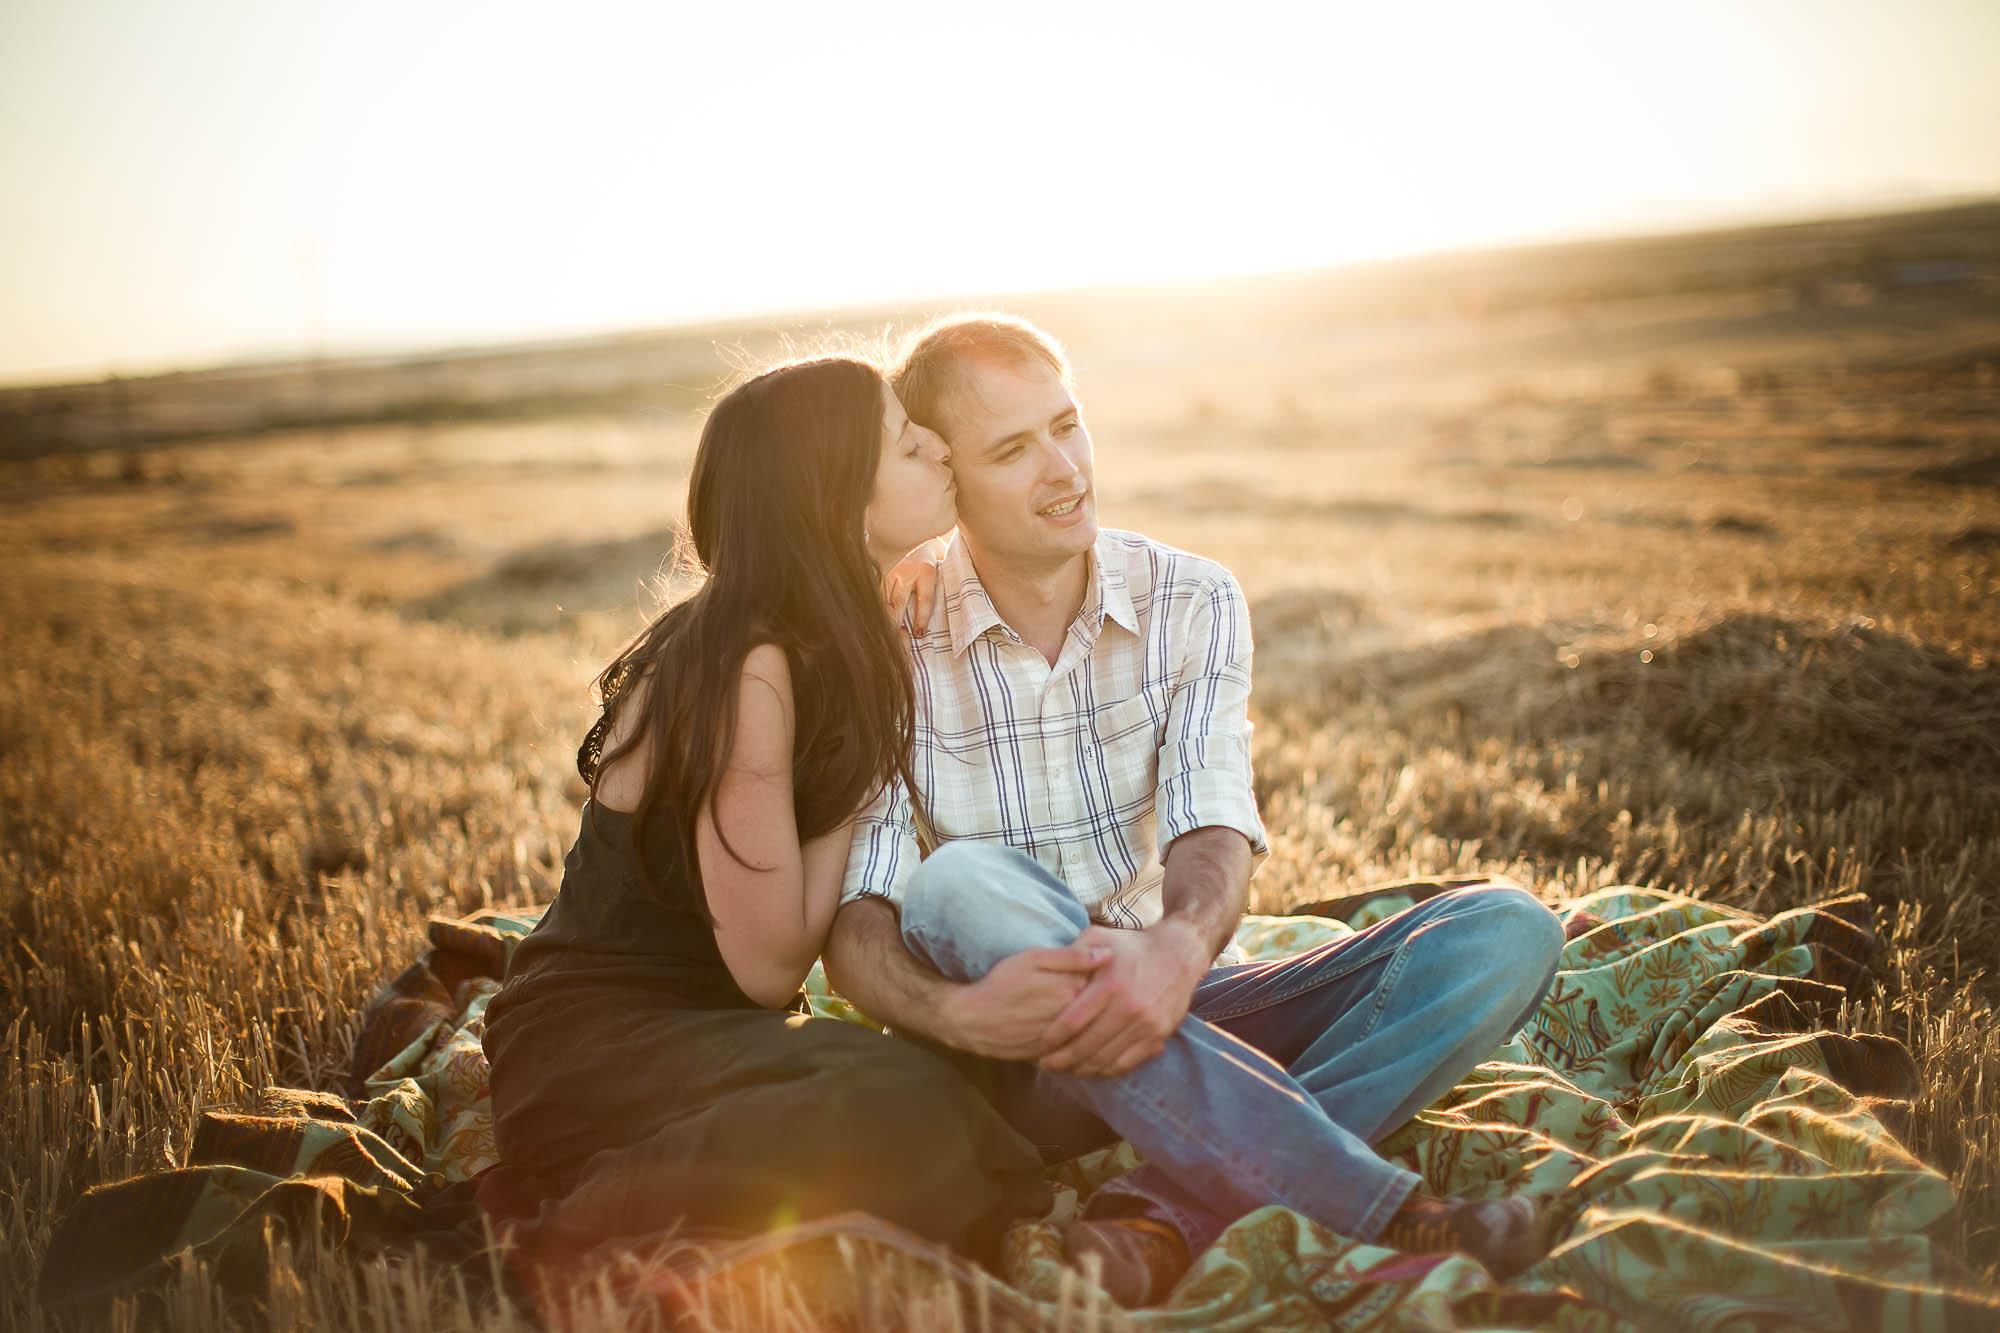 La novia besa al novio sentados en un campo de trigo